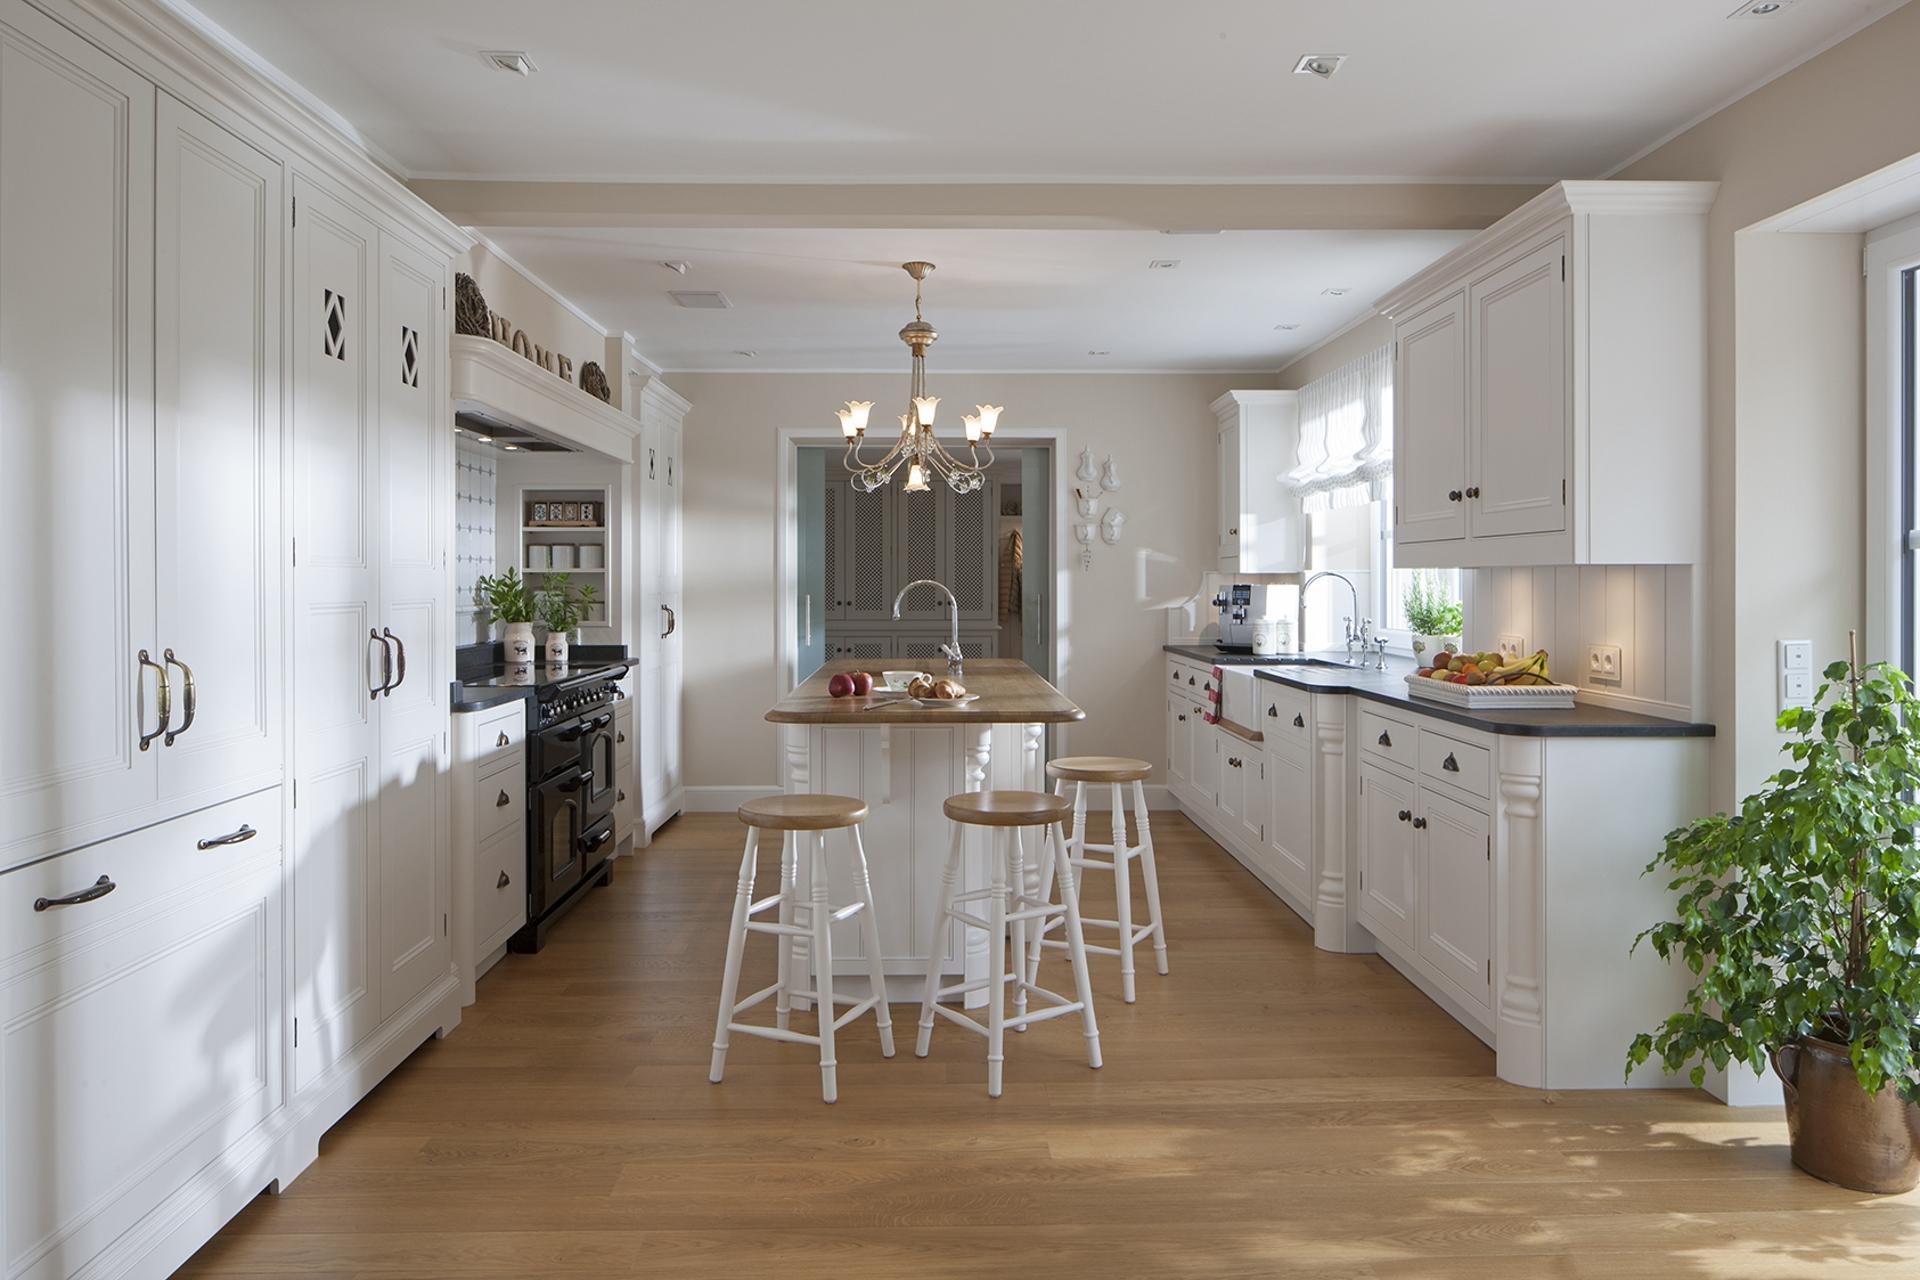 kuche cottage stil. Black Bedroom Furniture Sets. Home Design Ideas